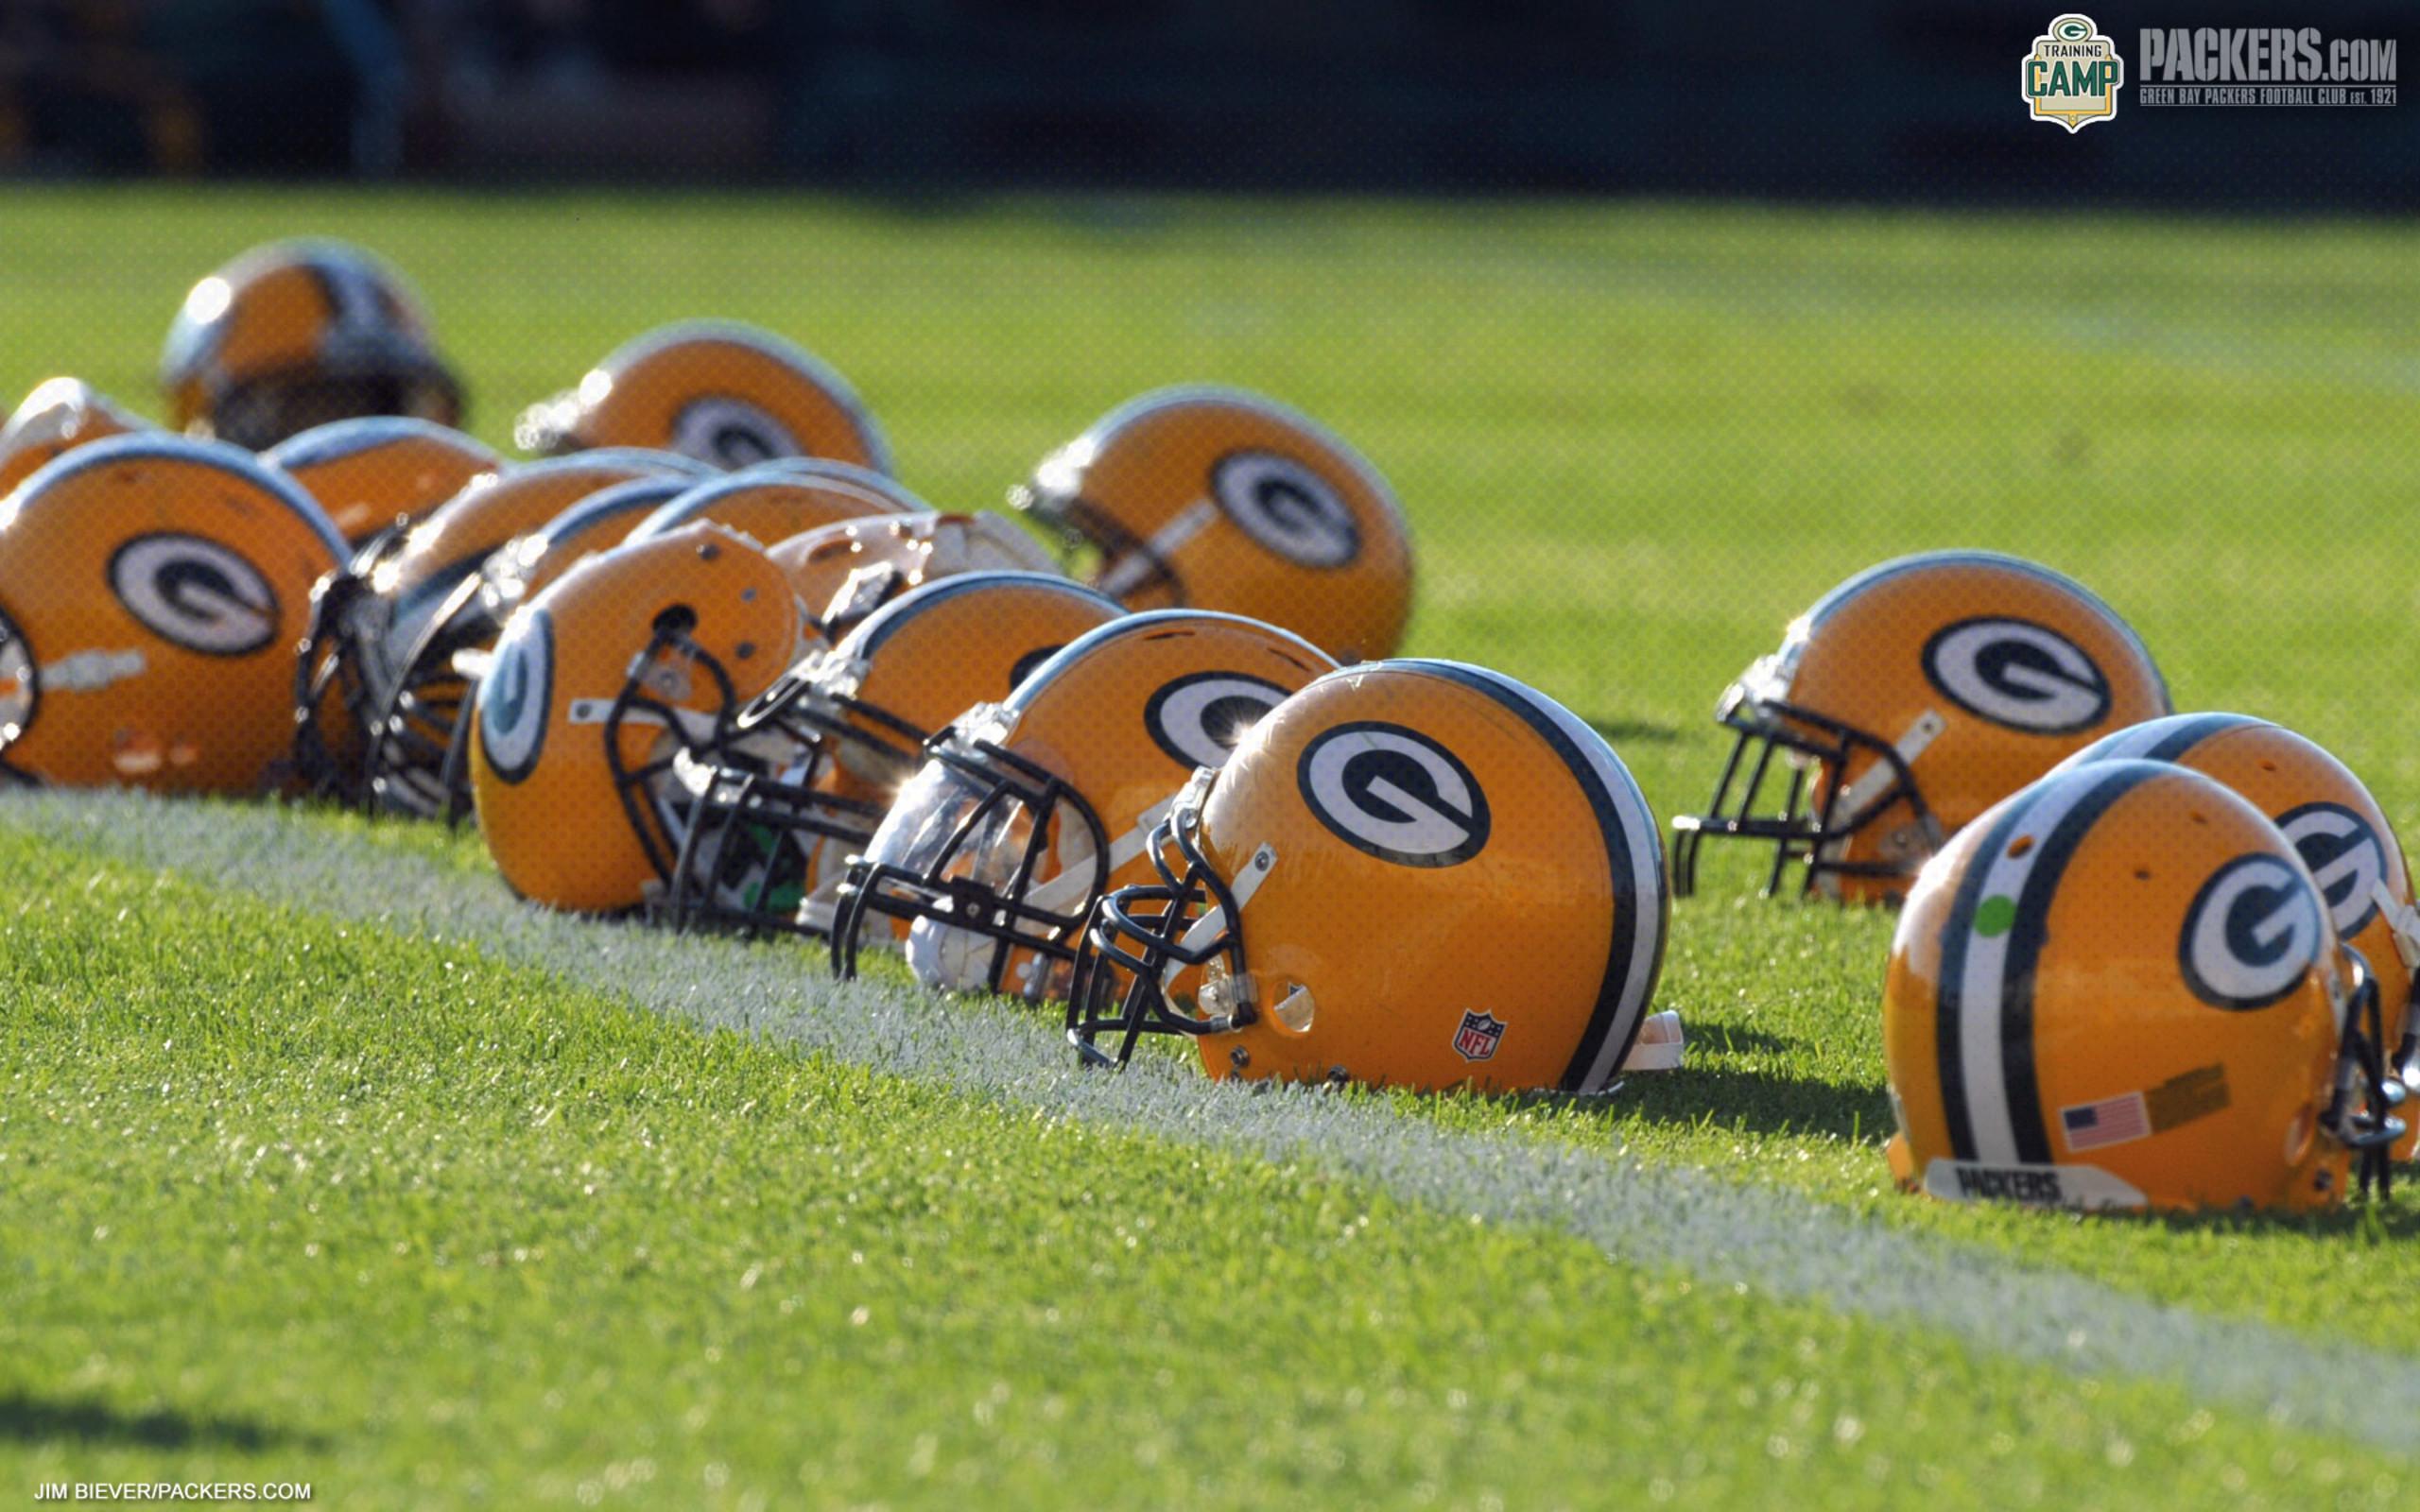 La squadra dei Green Bay Packers è stata fondata l11 agosto 1919 Il fondatore Curly Lambeau ottenne dei fondi per le uniformi dal proprio datore di lavoro alla